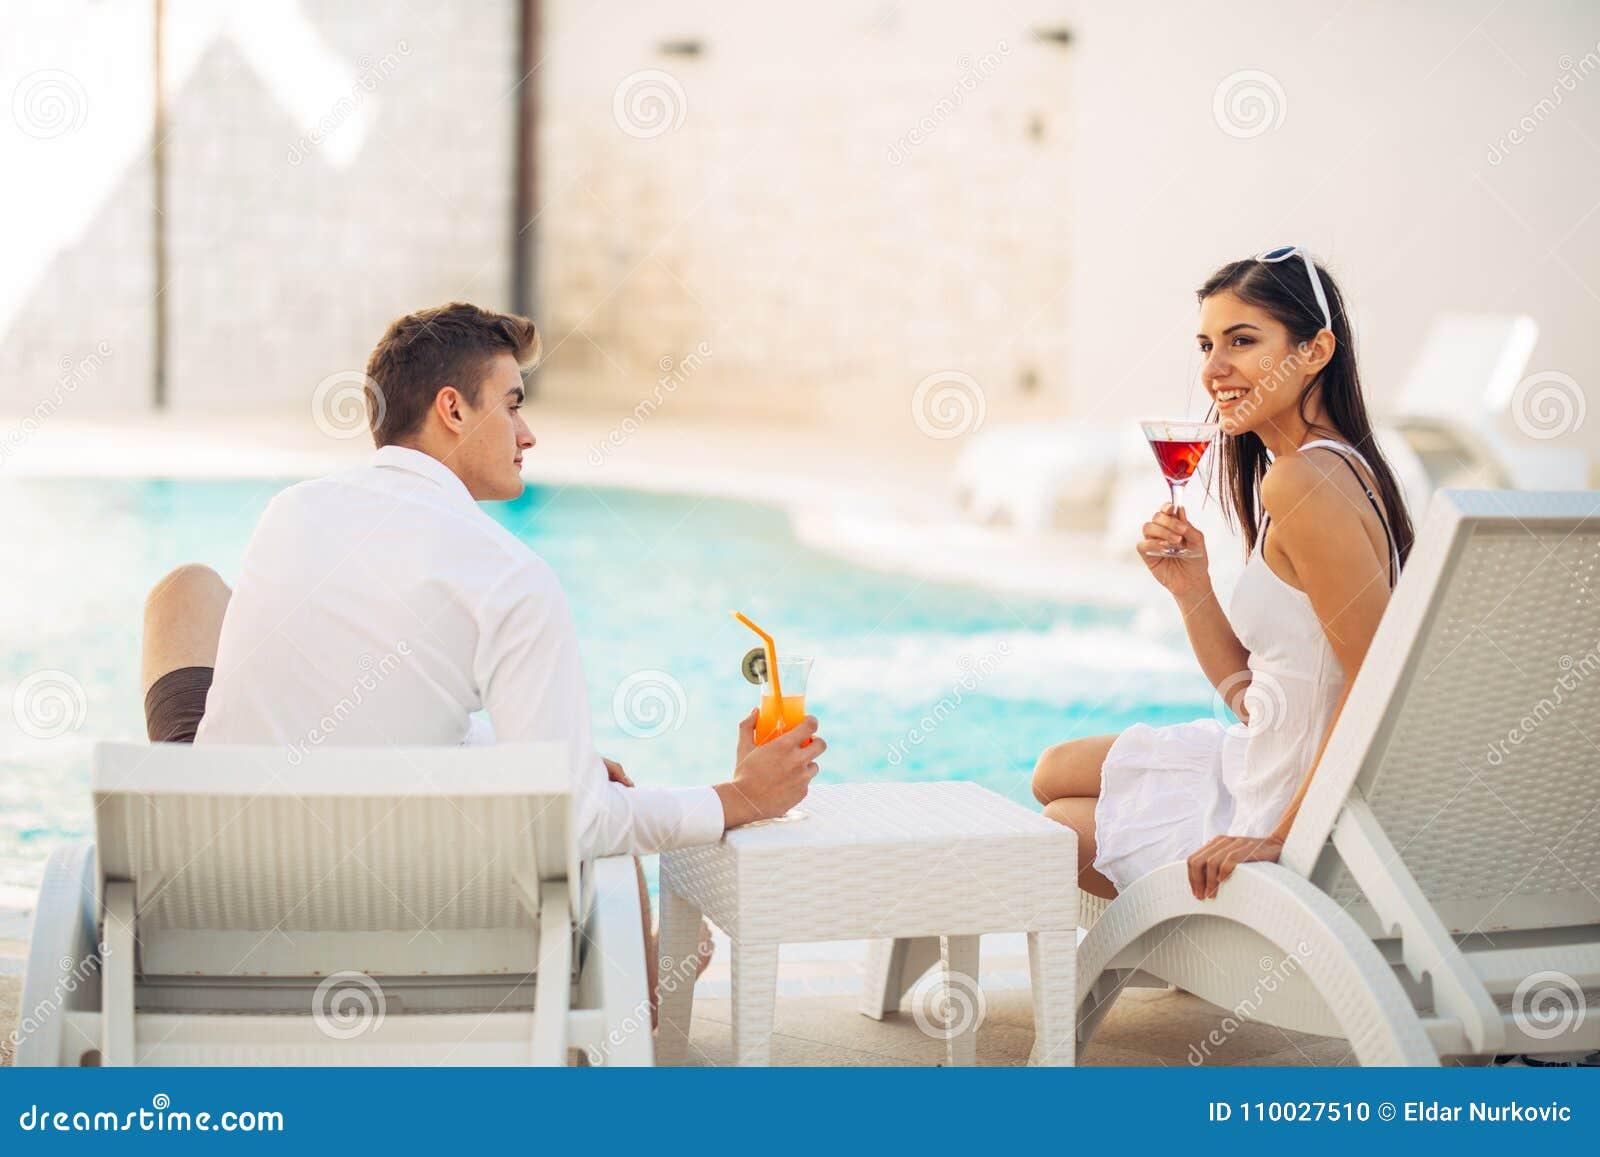 Het positieve gelukkige paar ontspannen door de pool in de vakantietoevlucht van de luxezomer Drinkende cocktails Samen genietend